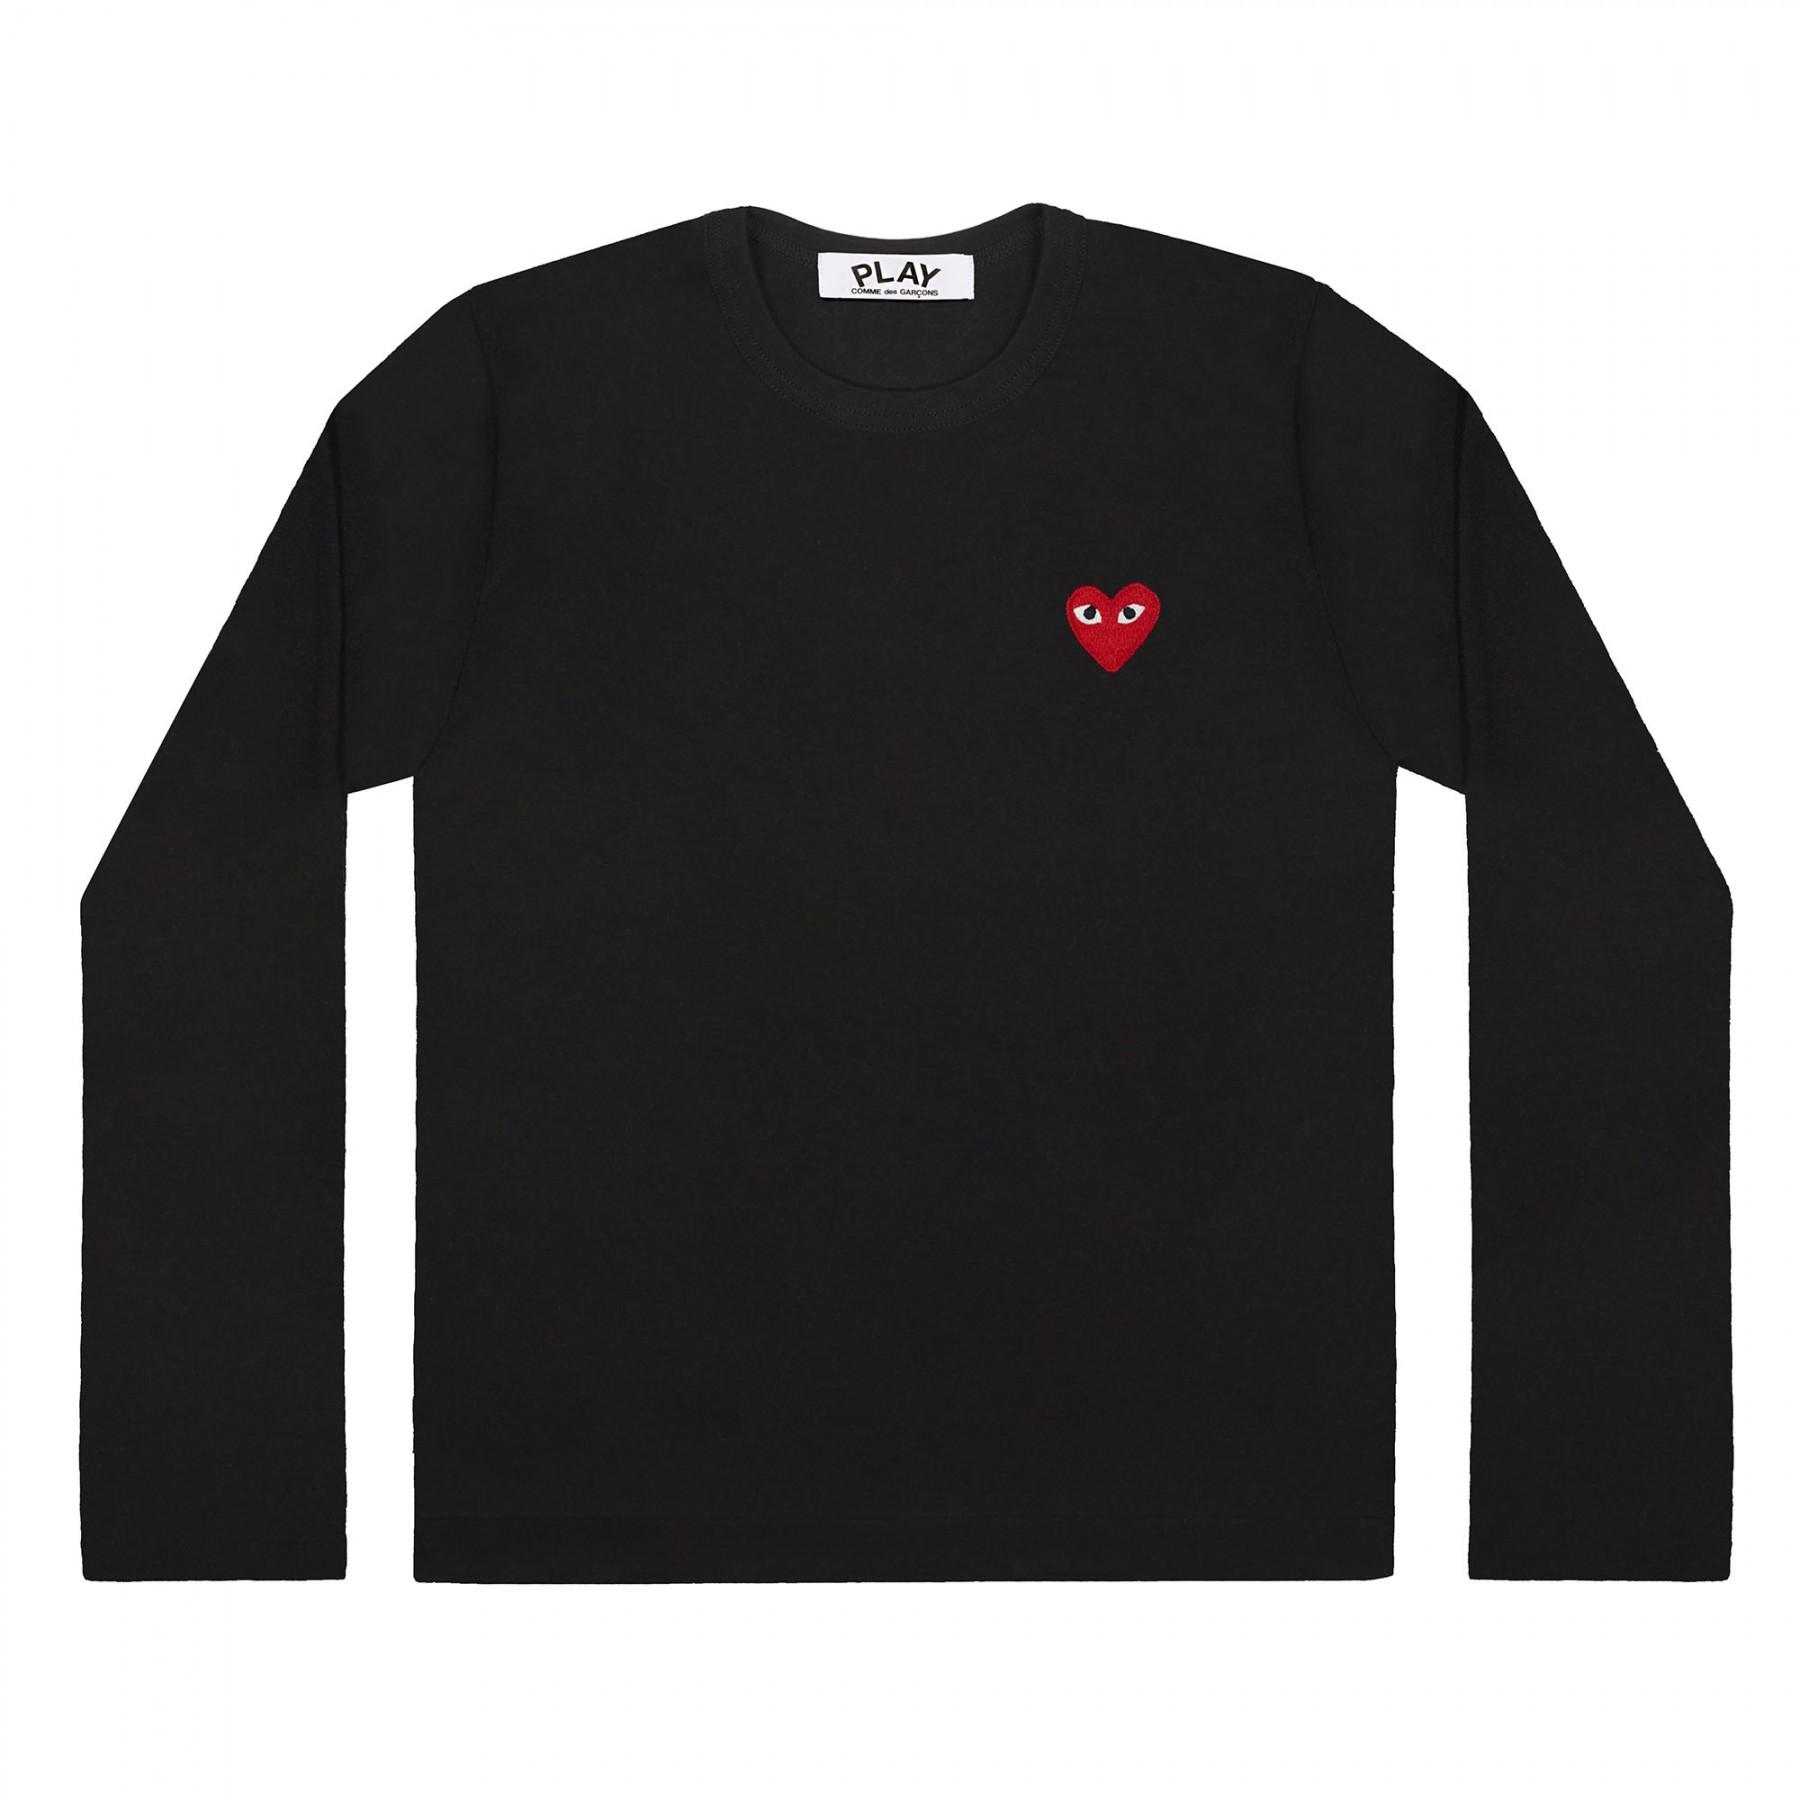 꼼데가르송 PLAY 블랙 티셔츠 원포인트 레드하트 (여성)